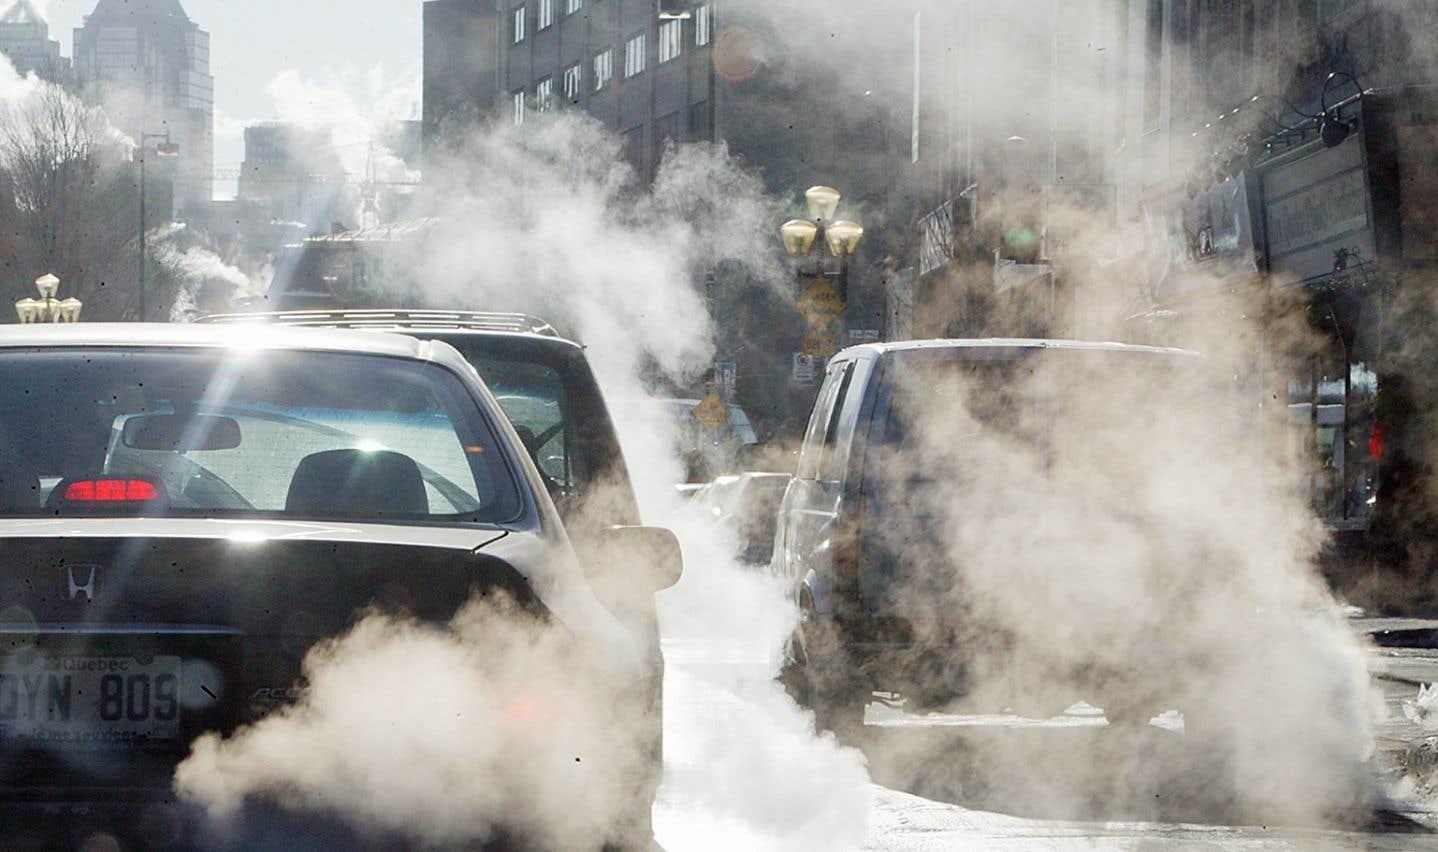 Vague de froid: CAA-Québec croule sous les demandes de survoltage